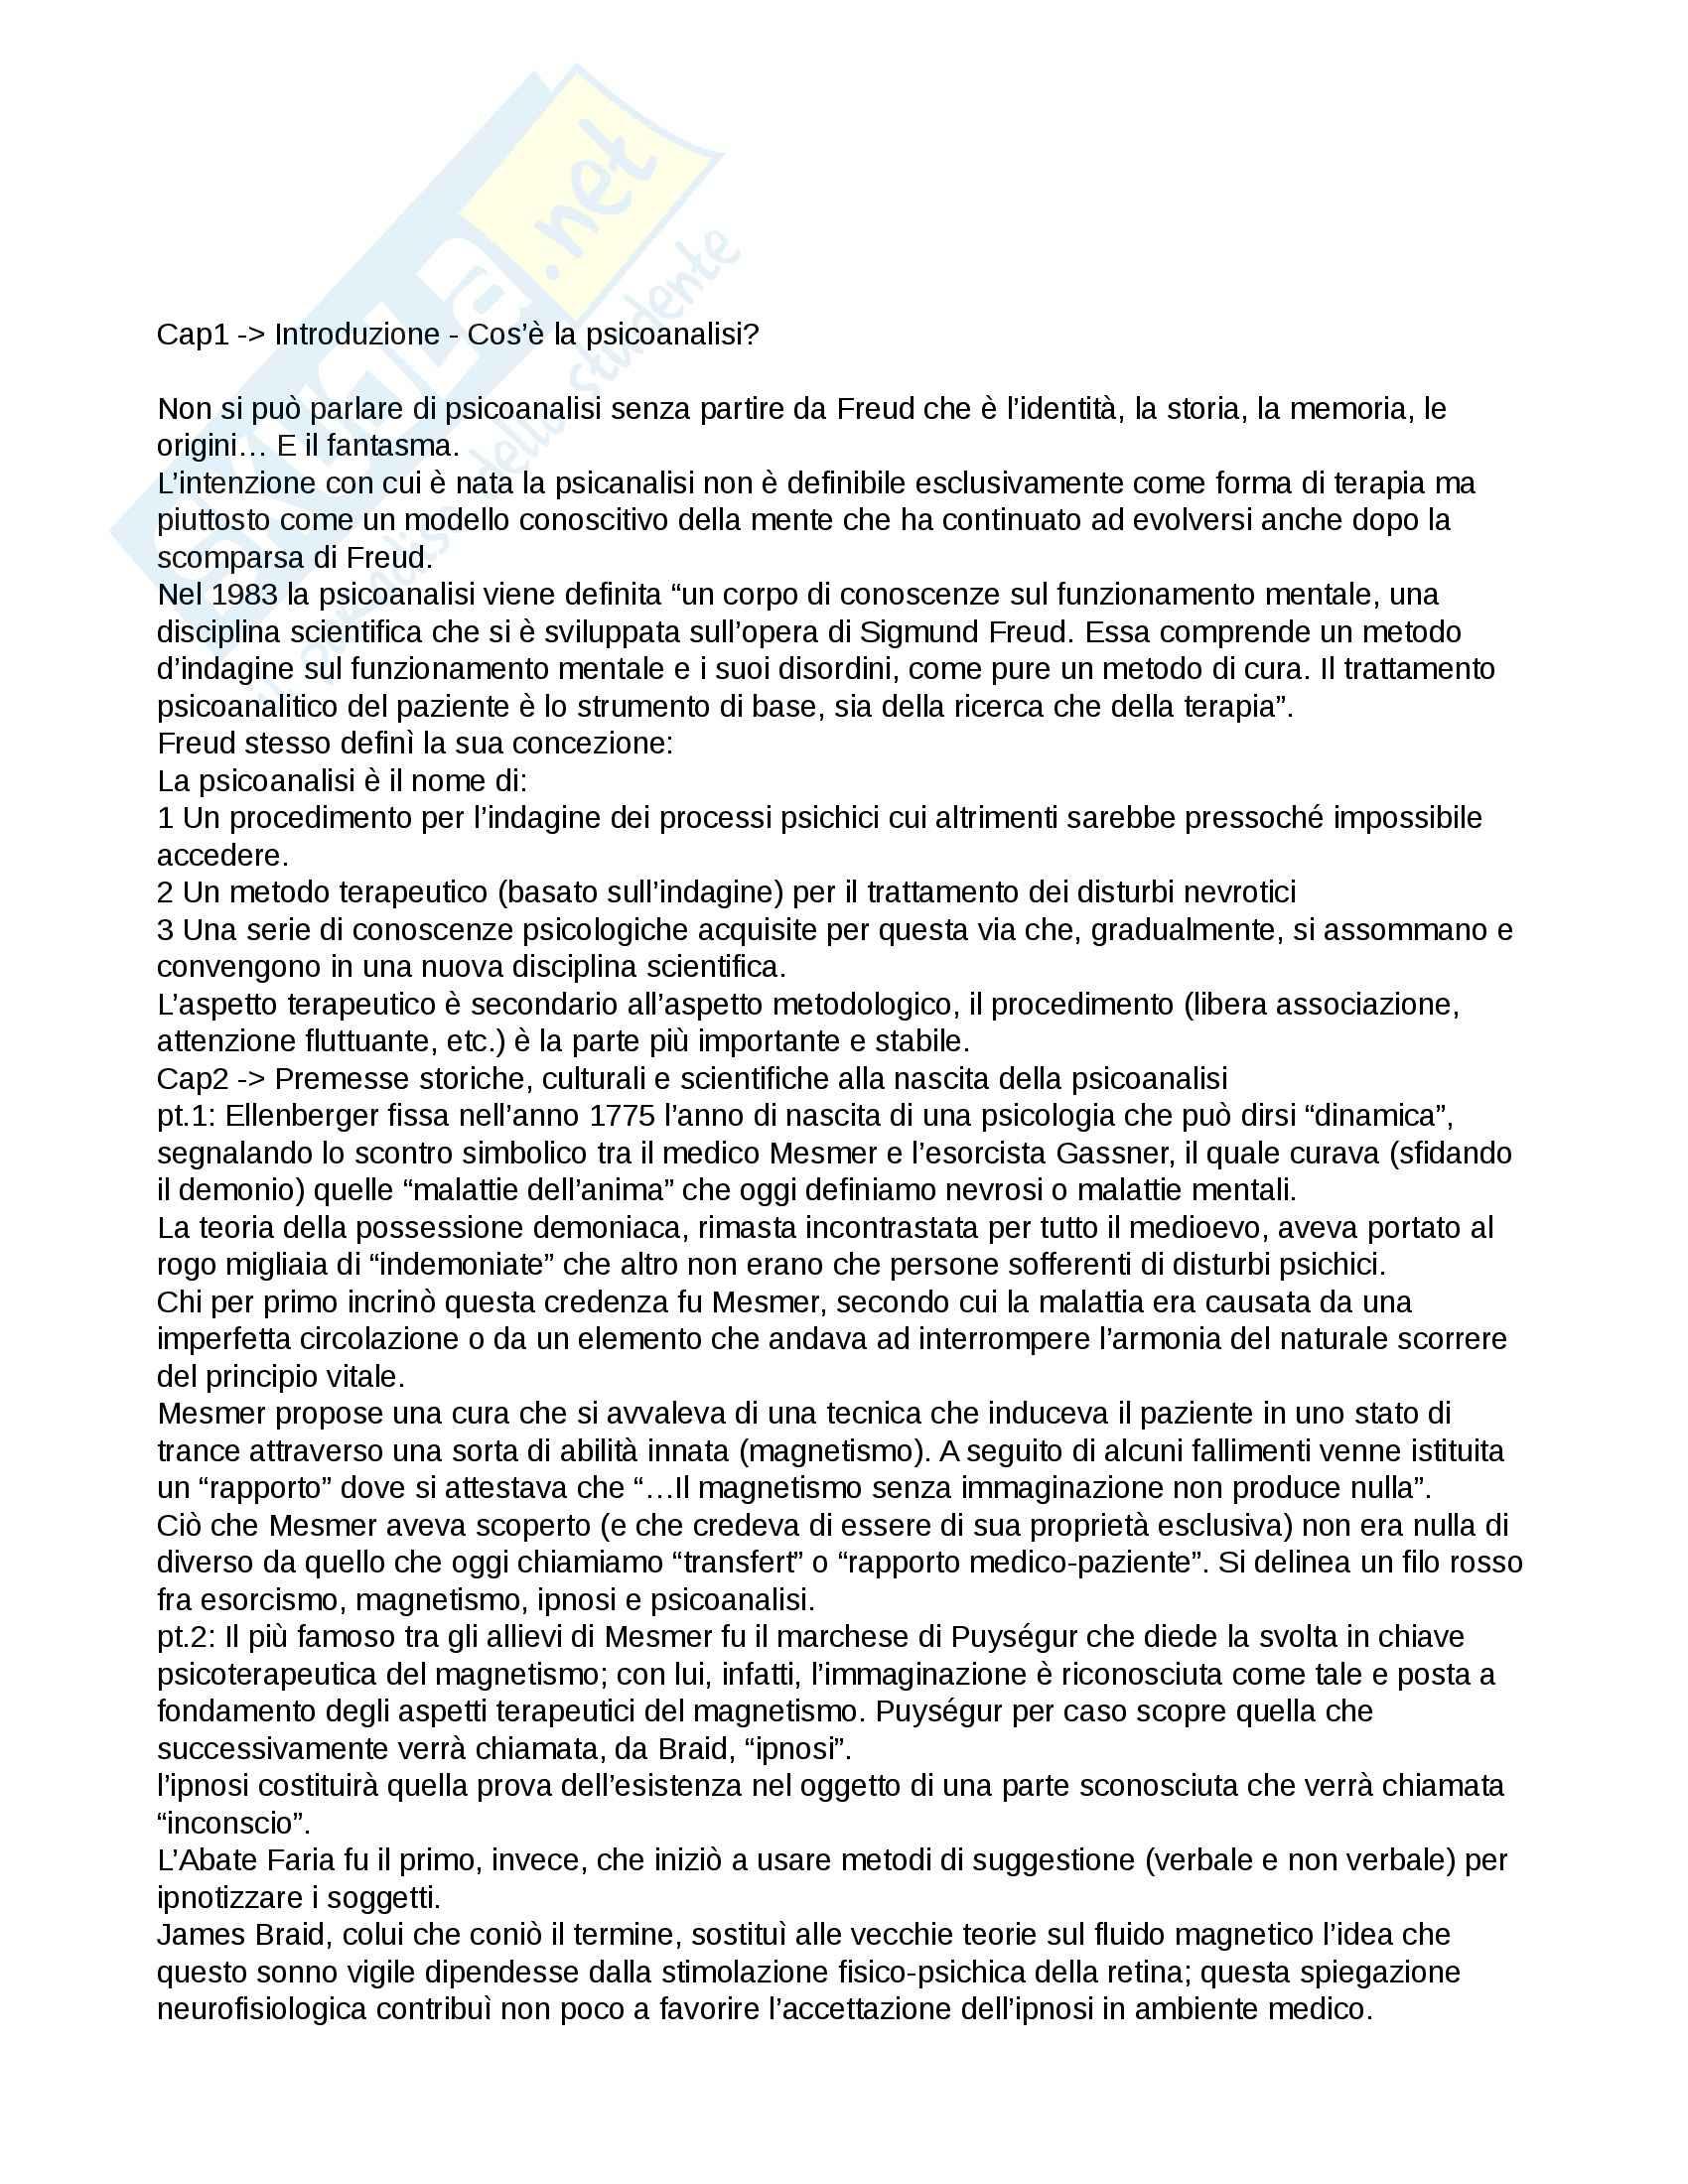 Riassunto esame Psicologia, prof. Lauro, libro consigliato Lezioni sul pensiero freudiano, Mangini